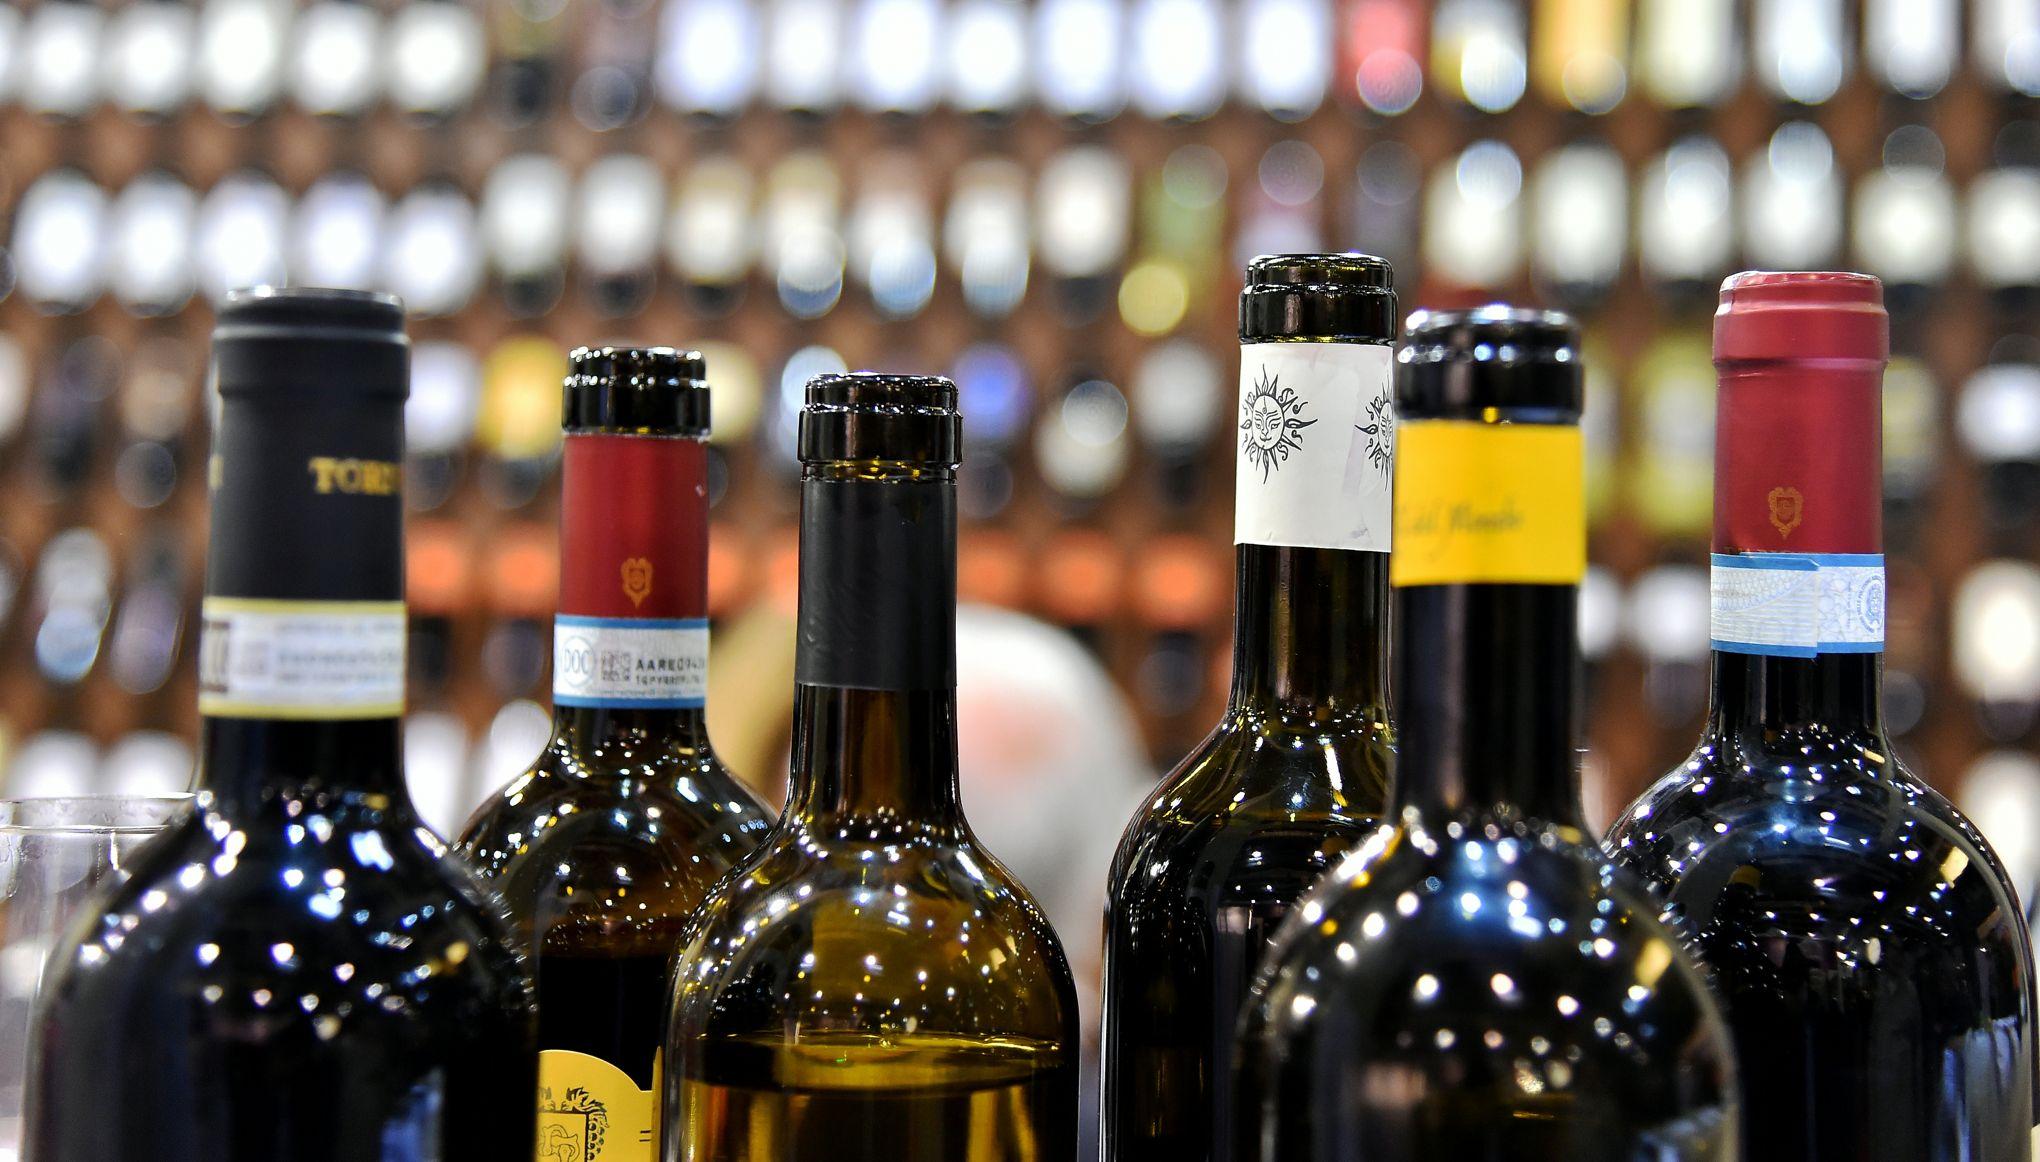 Les foires aux vins victimes de la loi sur les promos